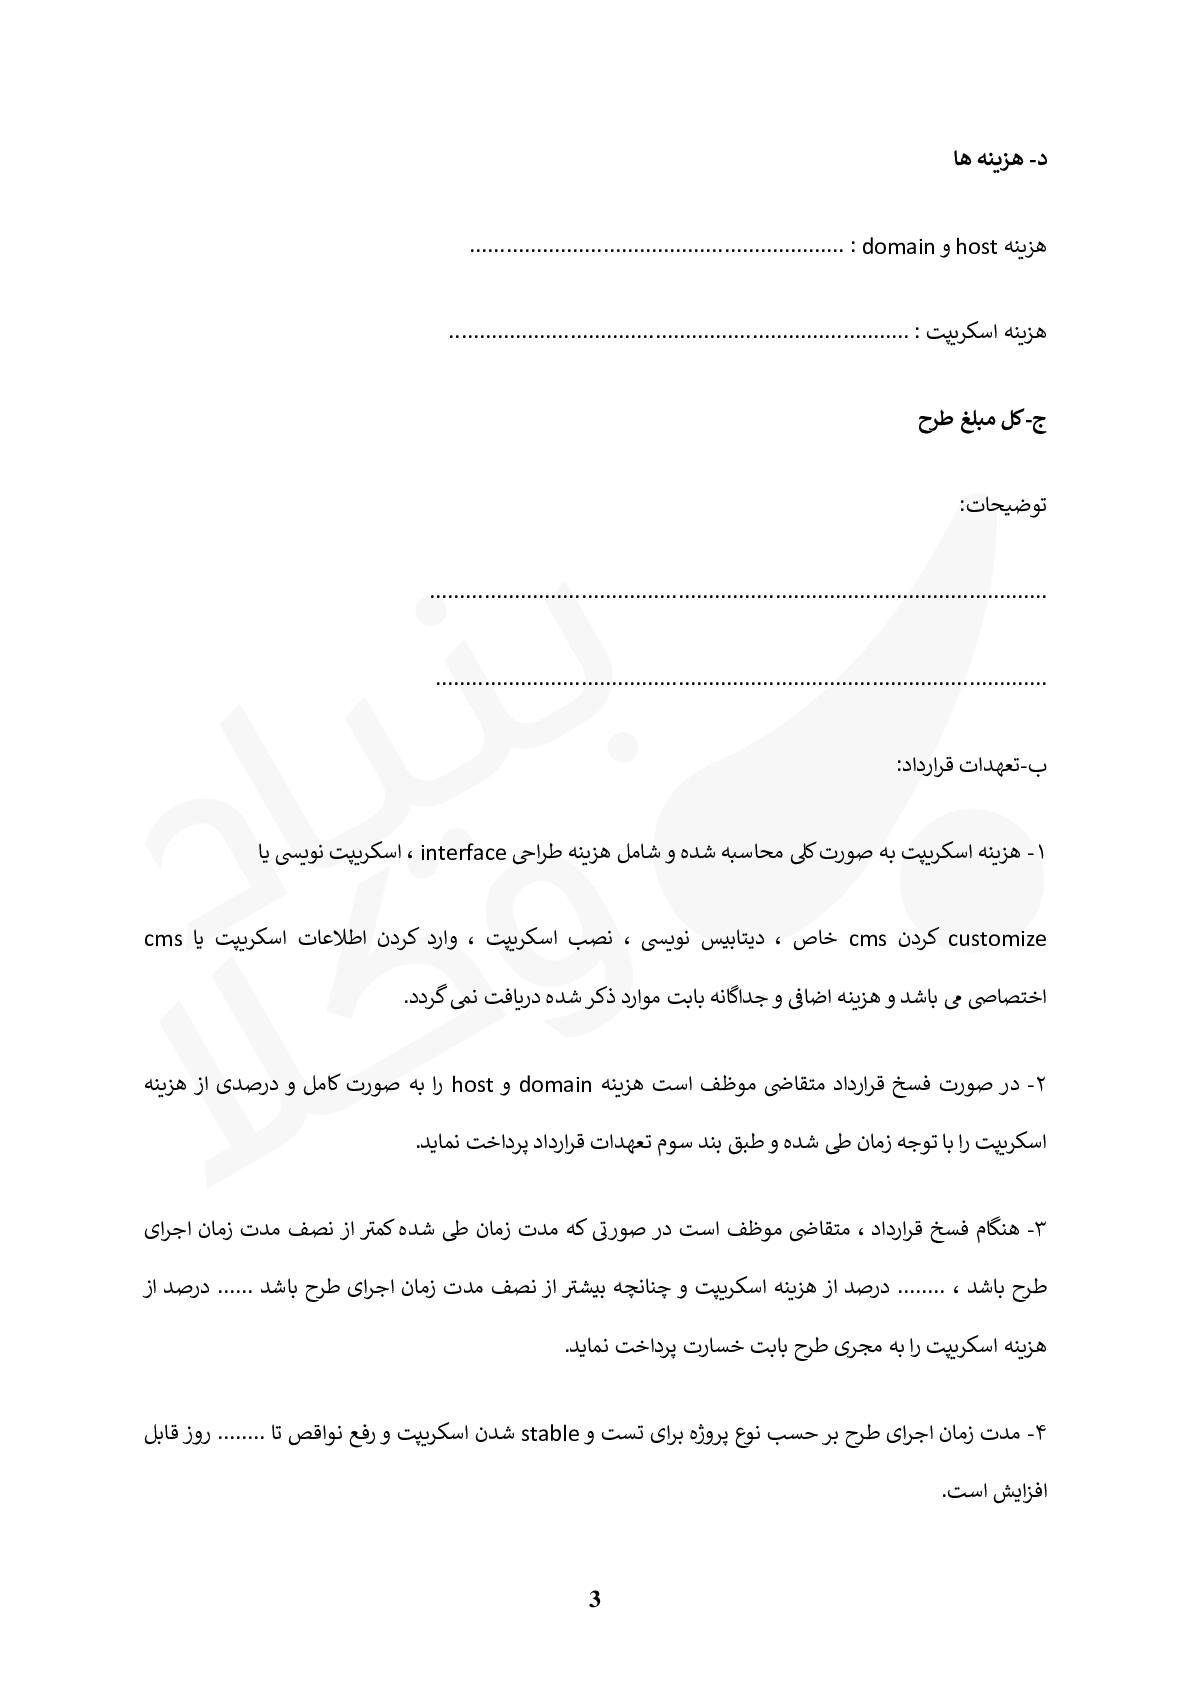 قرارداد طراحی وب سایت کوتاه و کامل و ساده